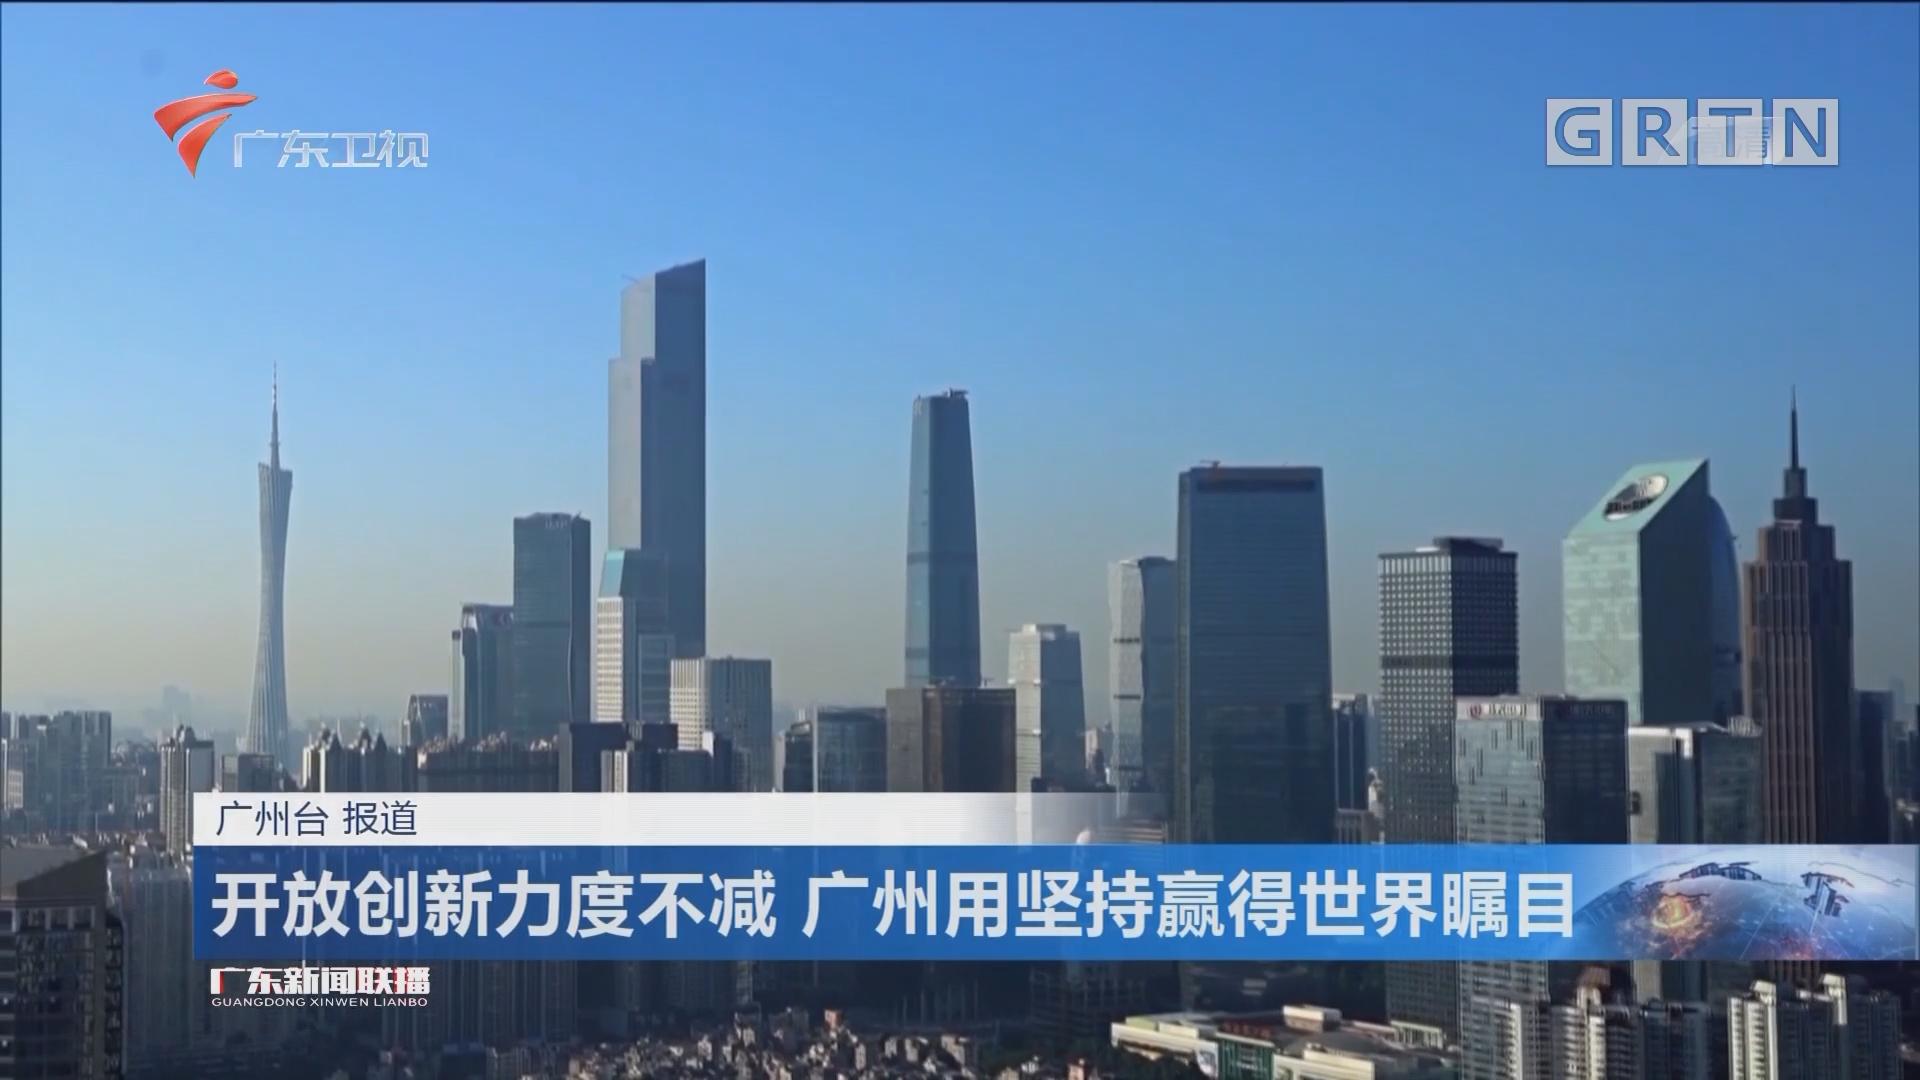 开放创新力度不减 广州用坚持赢得世界瞩目